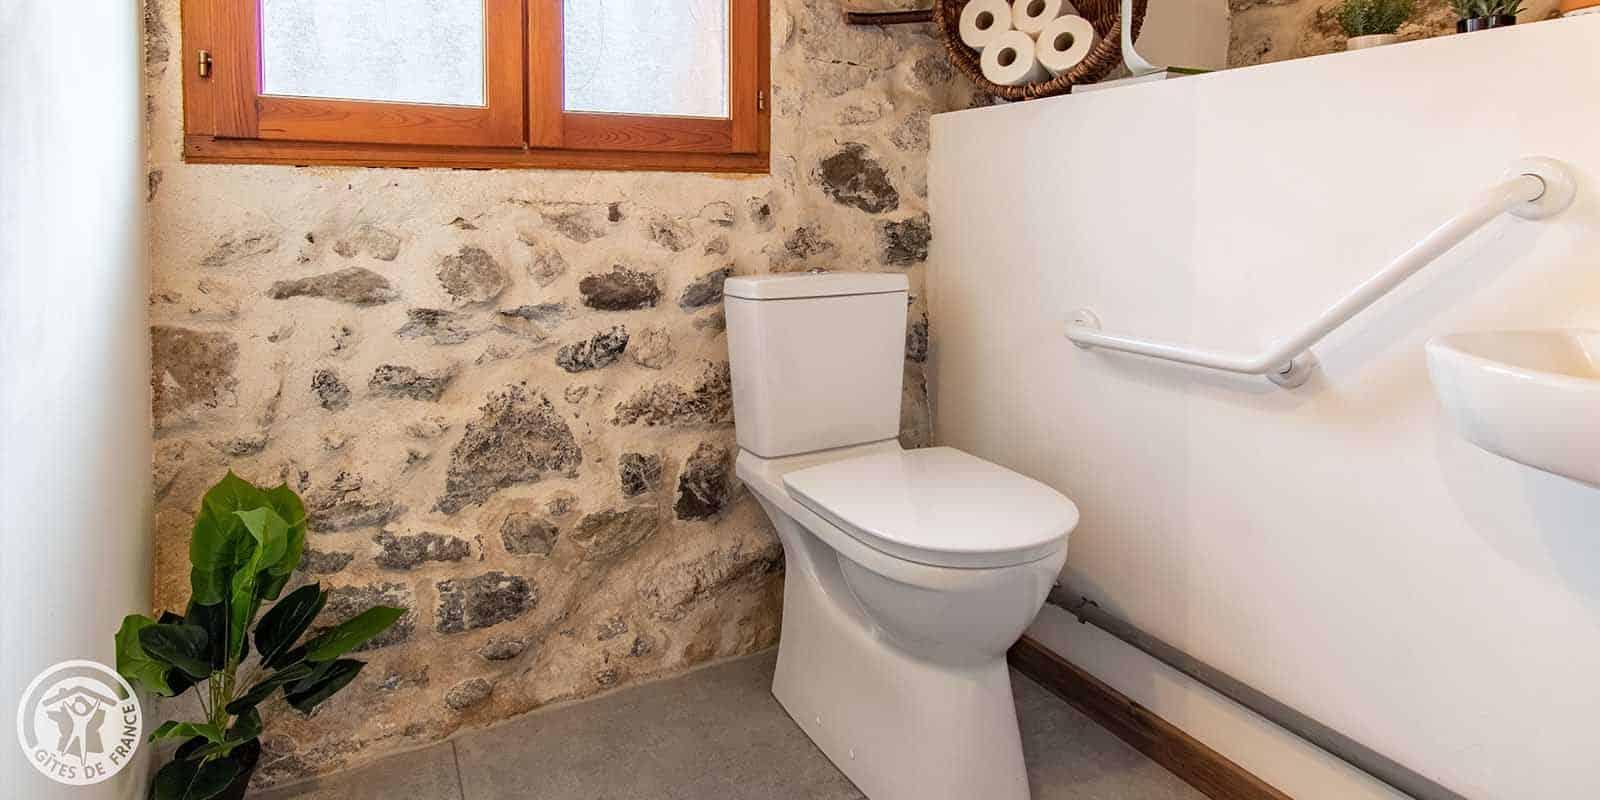 Les toilettes sont accessibles par tous